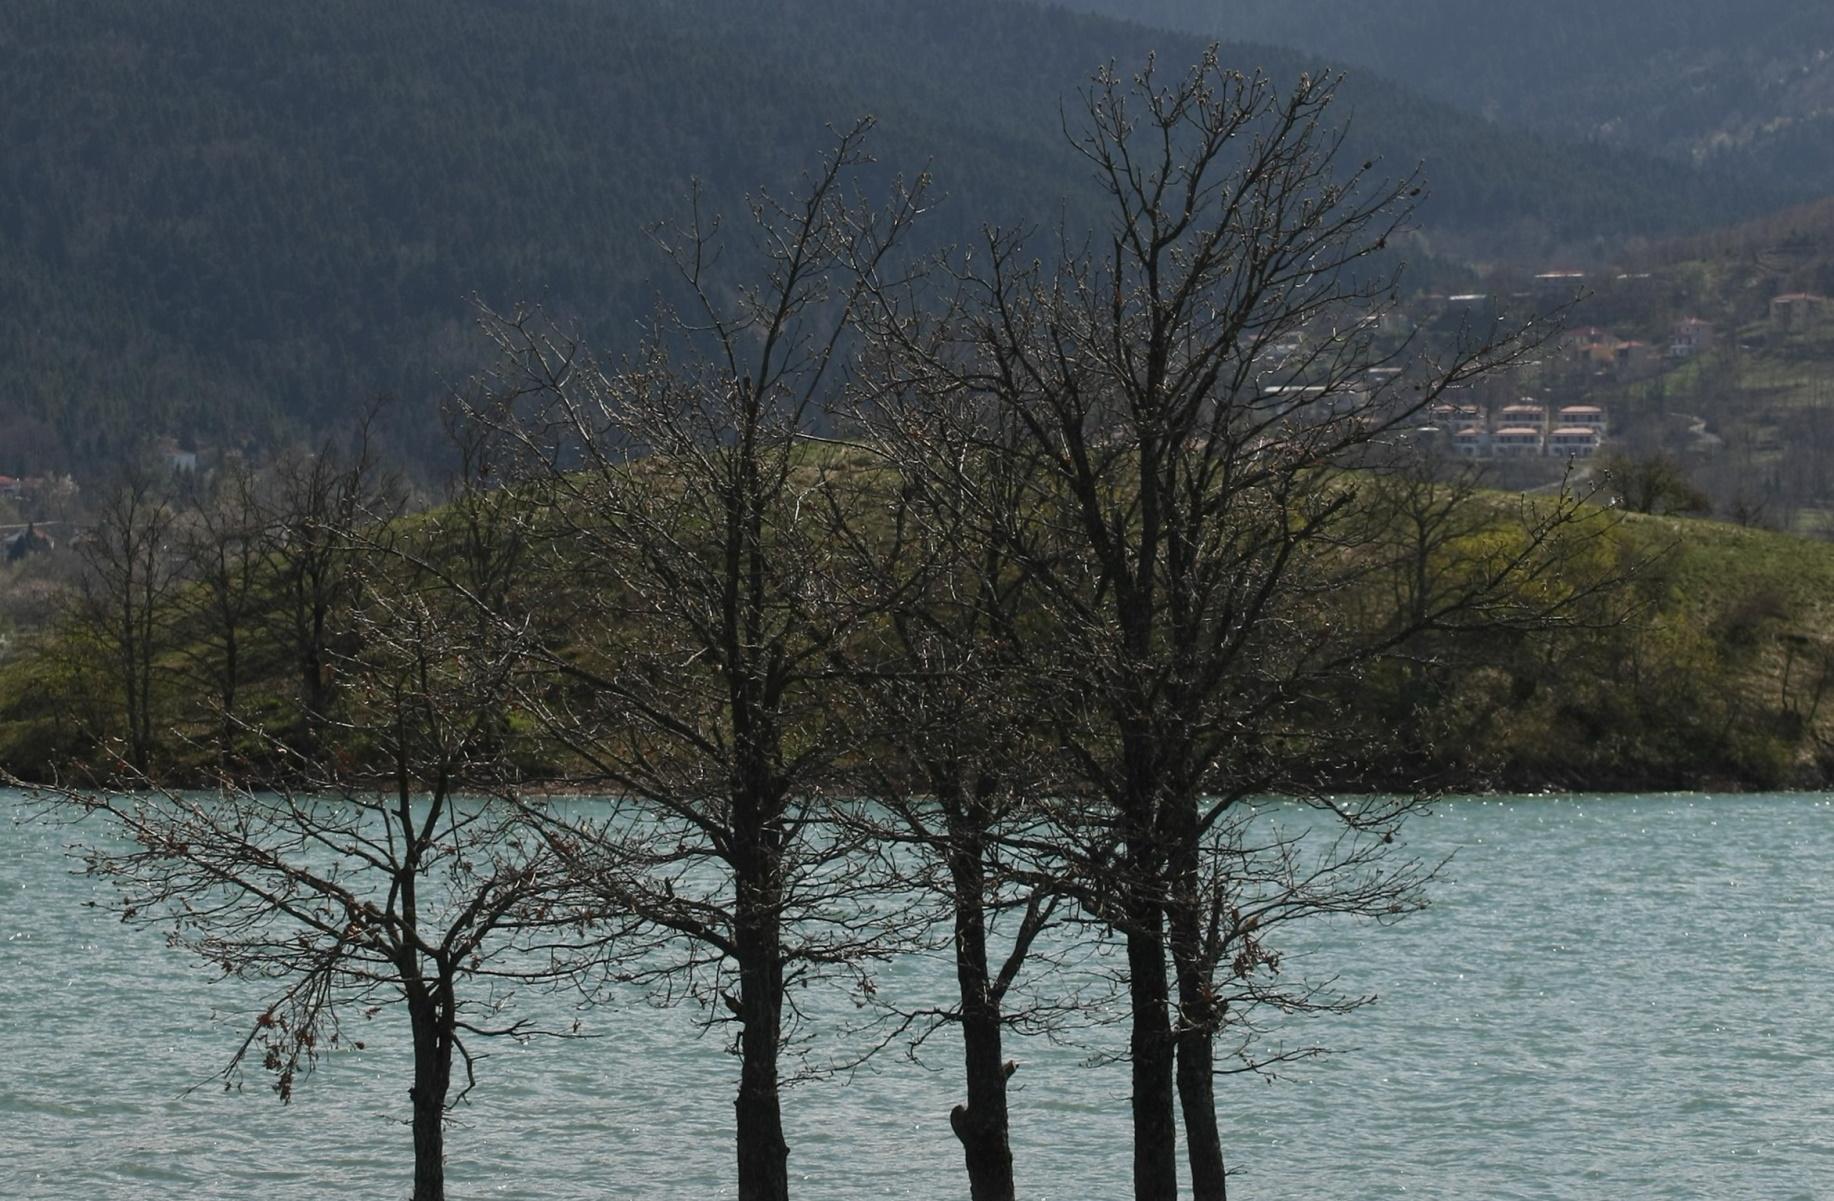 Λίμνη Πλαστήρα: Κατάσταση έκτακτης ανάγκης για 6 μήνες